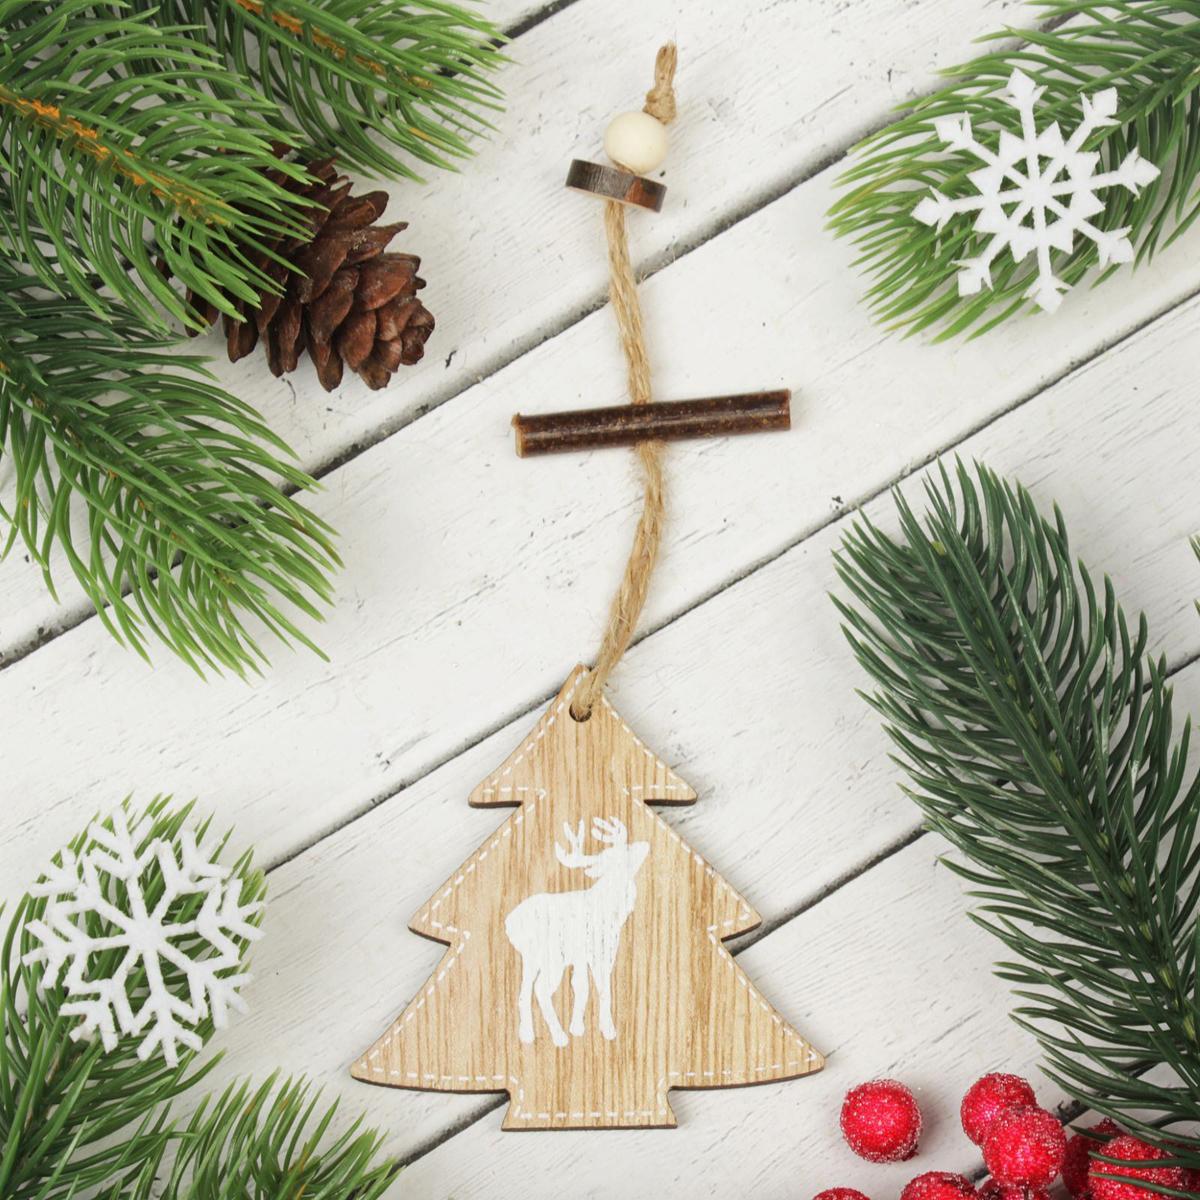 Украшение новогоднее подвесное Елочка с оленем2303246Новогоднее подвесное украшение, выполненное из дерева, отлично подойдет для декорации вашего дома и новогодней ели. С помощью специальной петельки украшение можно повесить в любом понравившемся вам месте. Но, конечно, удачнее всего оно будет смотреться на праздничной елке.Елочная игрушка - символ Нового года. Она несет в себе волшебство и красоту праздника. Такое украшение создаст в вашем доме атмосферу праздника, веселья и радости.